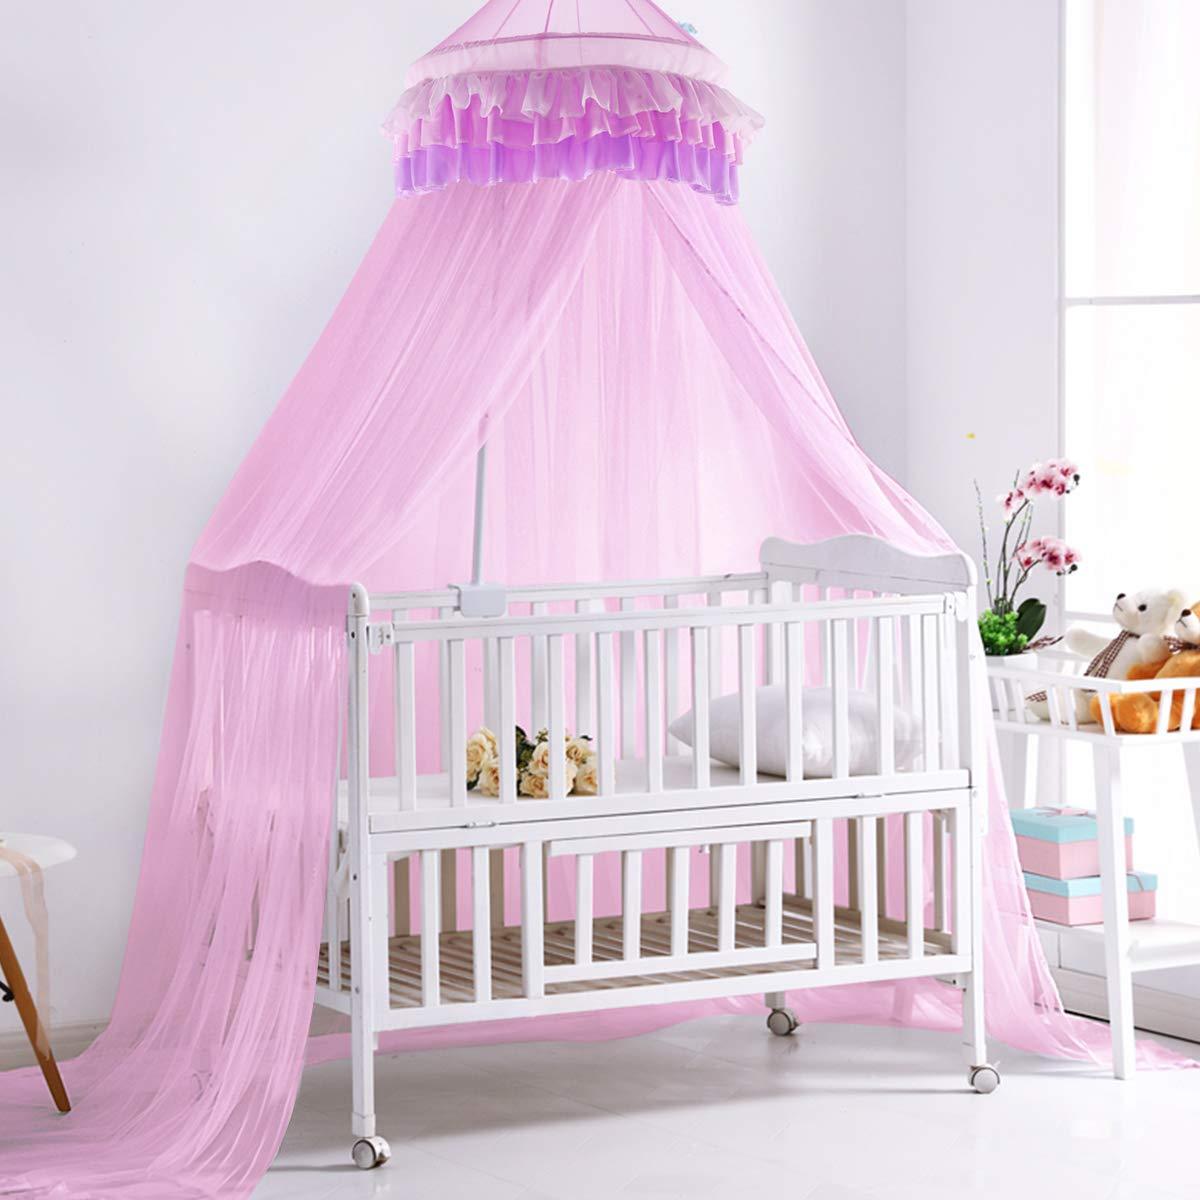 Amazon.com: Dosel de encaje para cama Superbuy, elegante ...